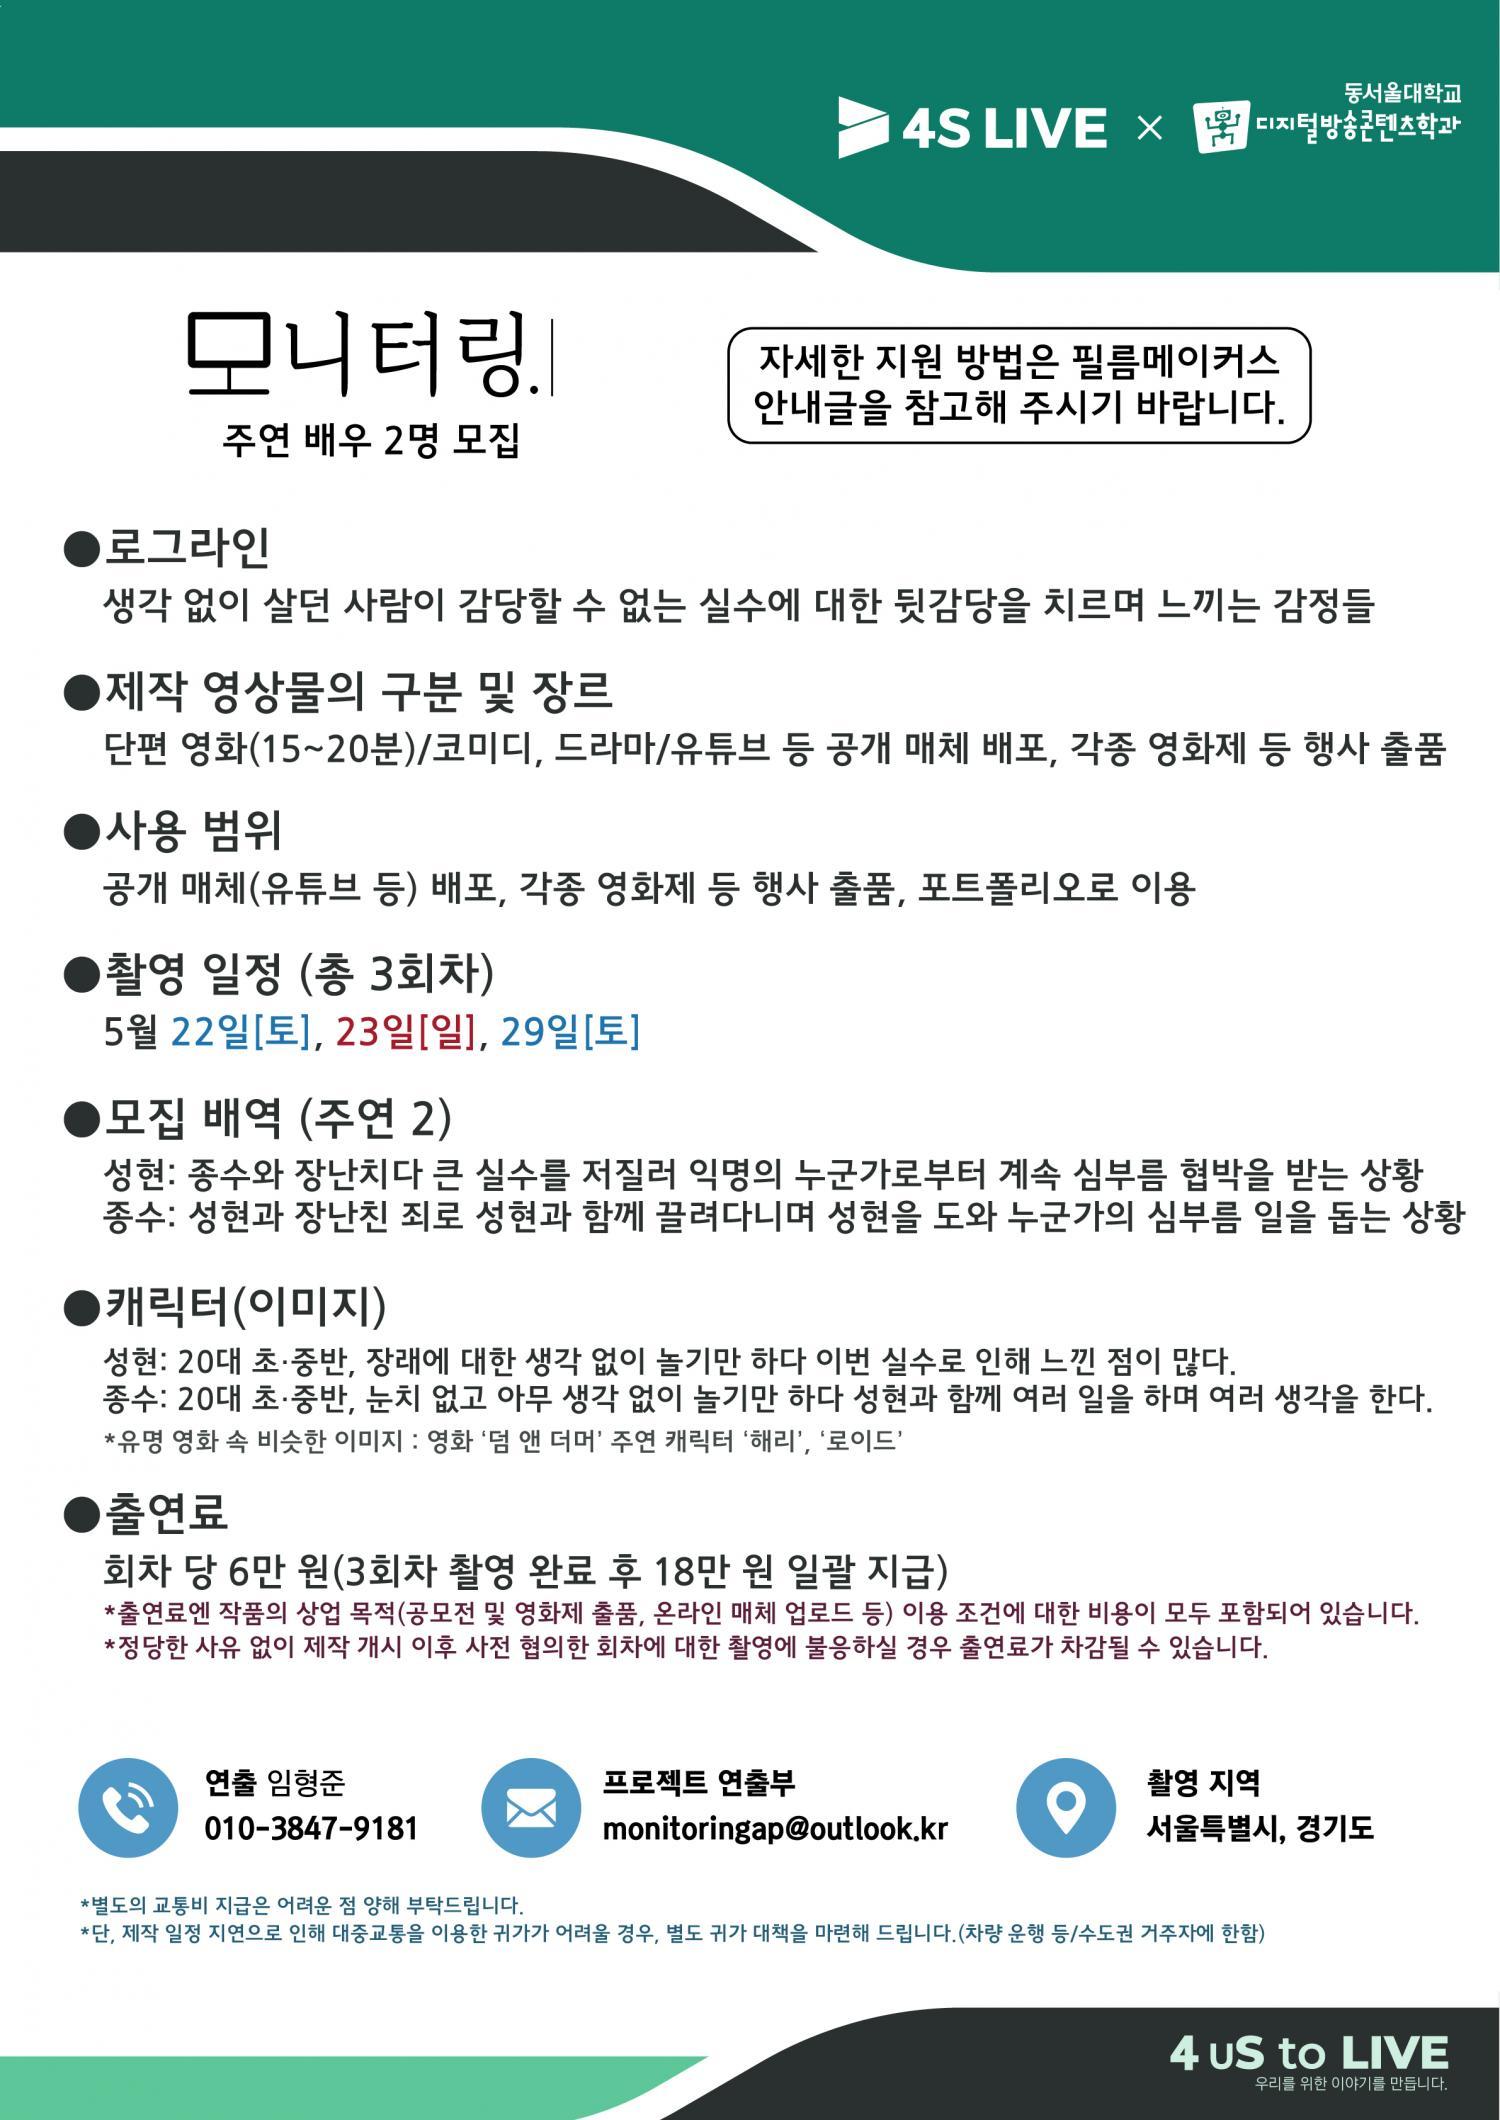 배우 모집 글(필름메이커스) 작성안.jpg